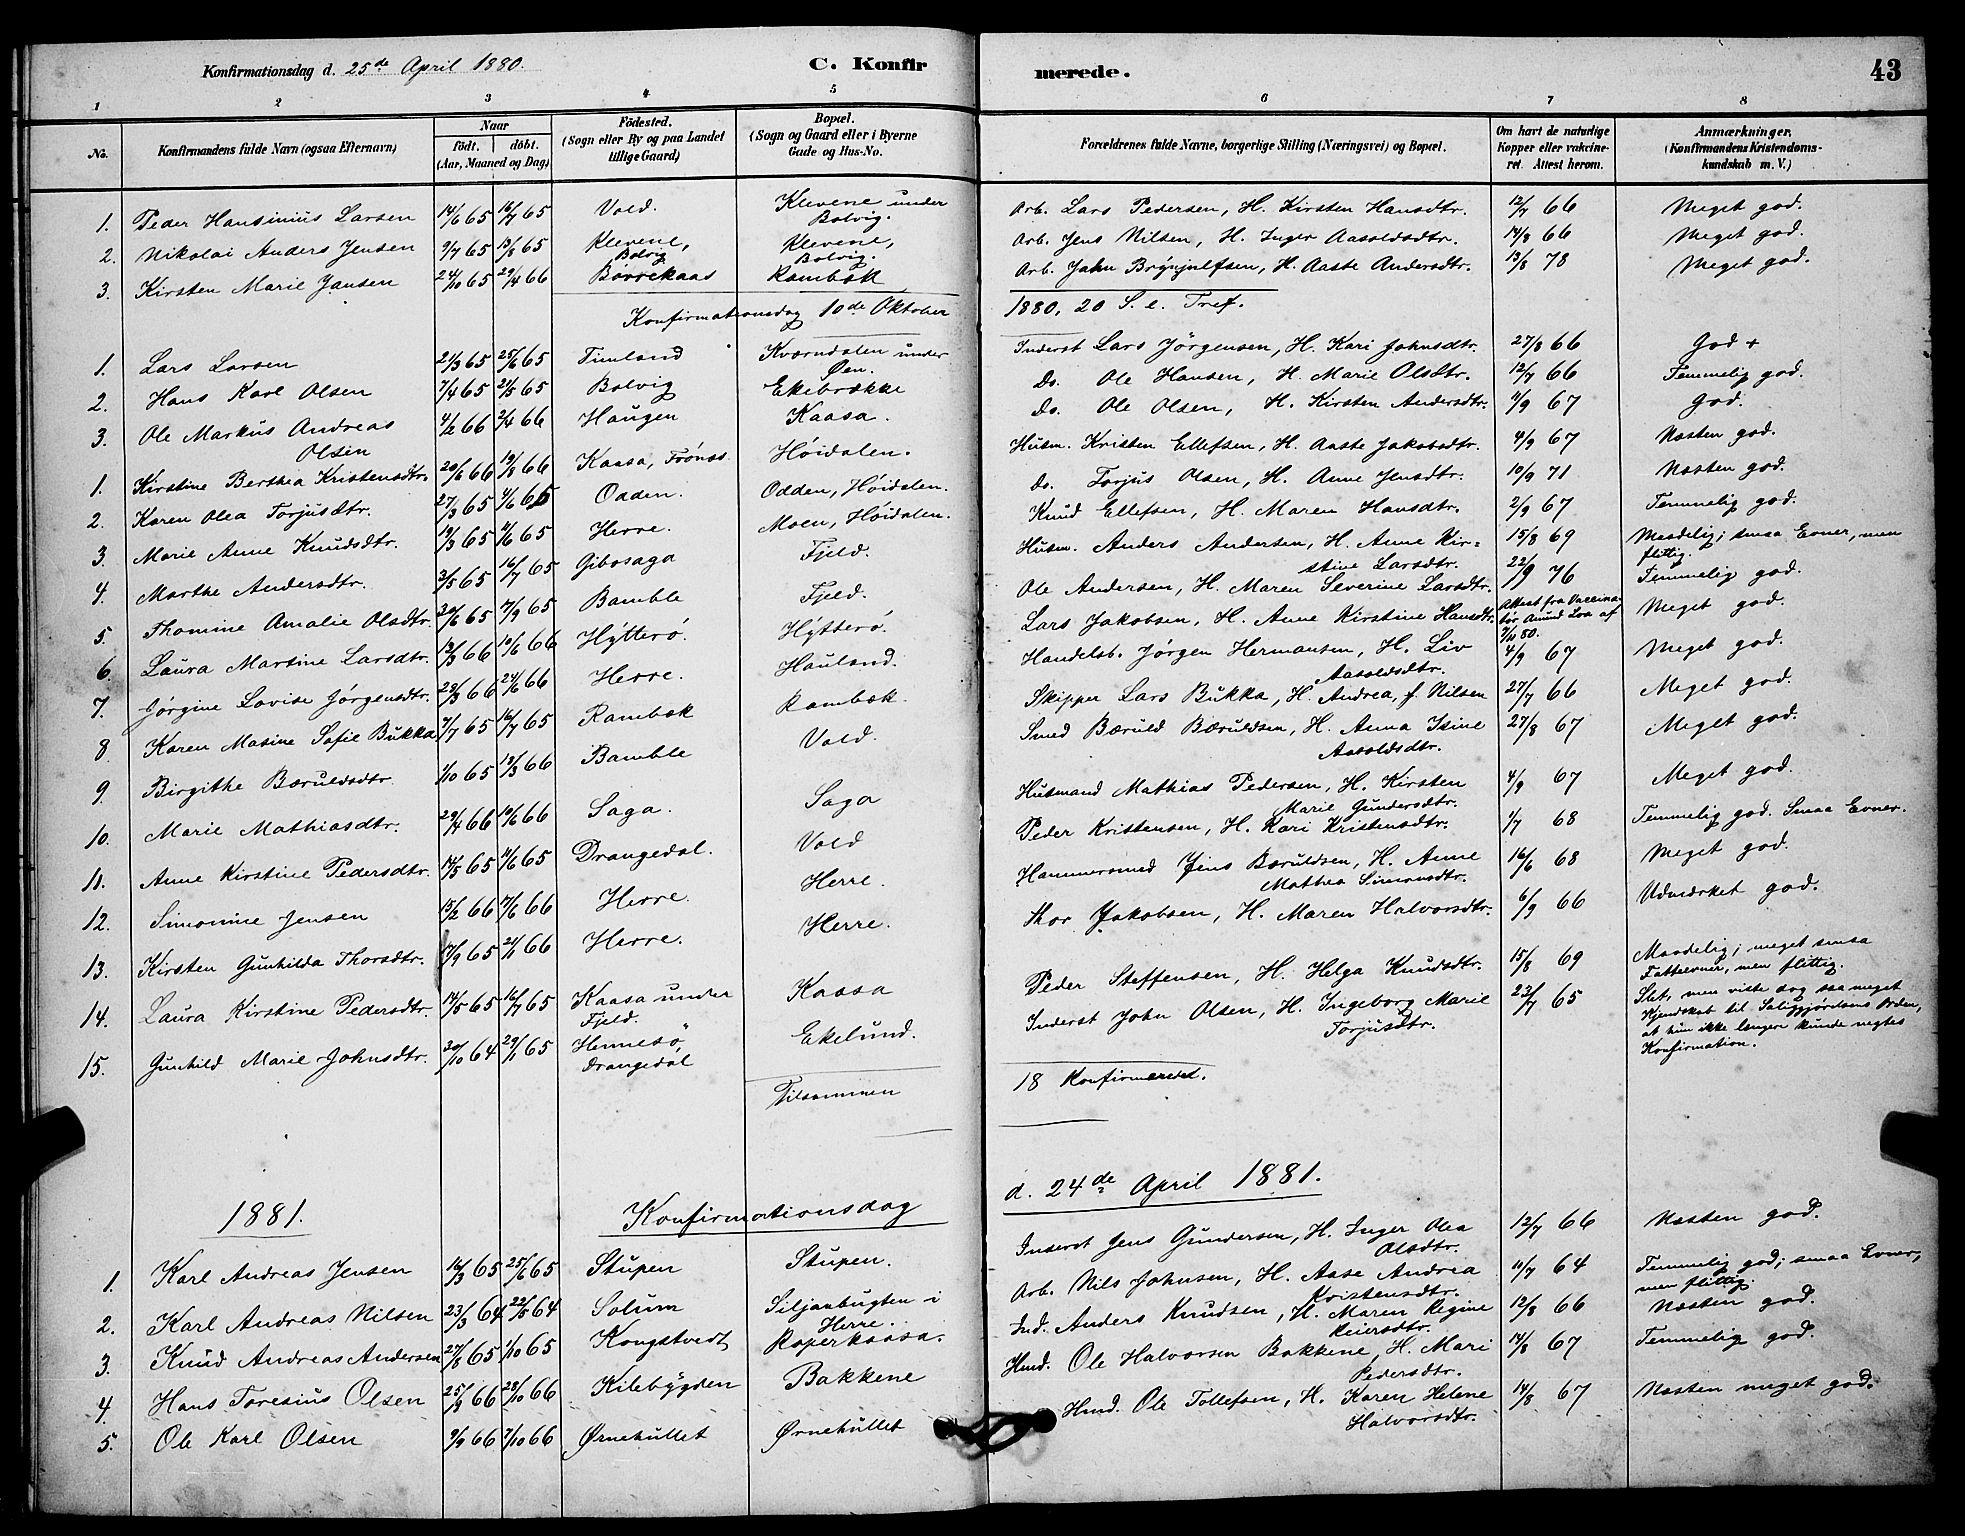 SAKO, Solum kirkebøker, G/Gc/L0001: Klokkerbok nr. III 1, 1880-1902, s. 43